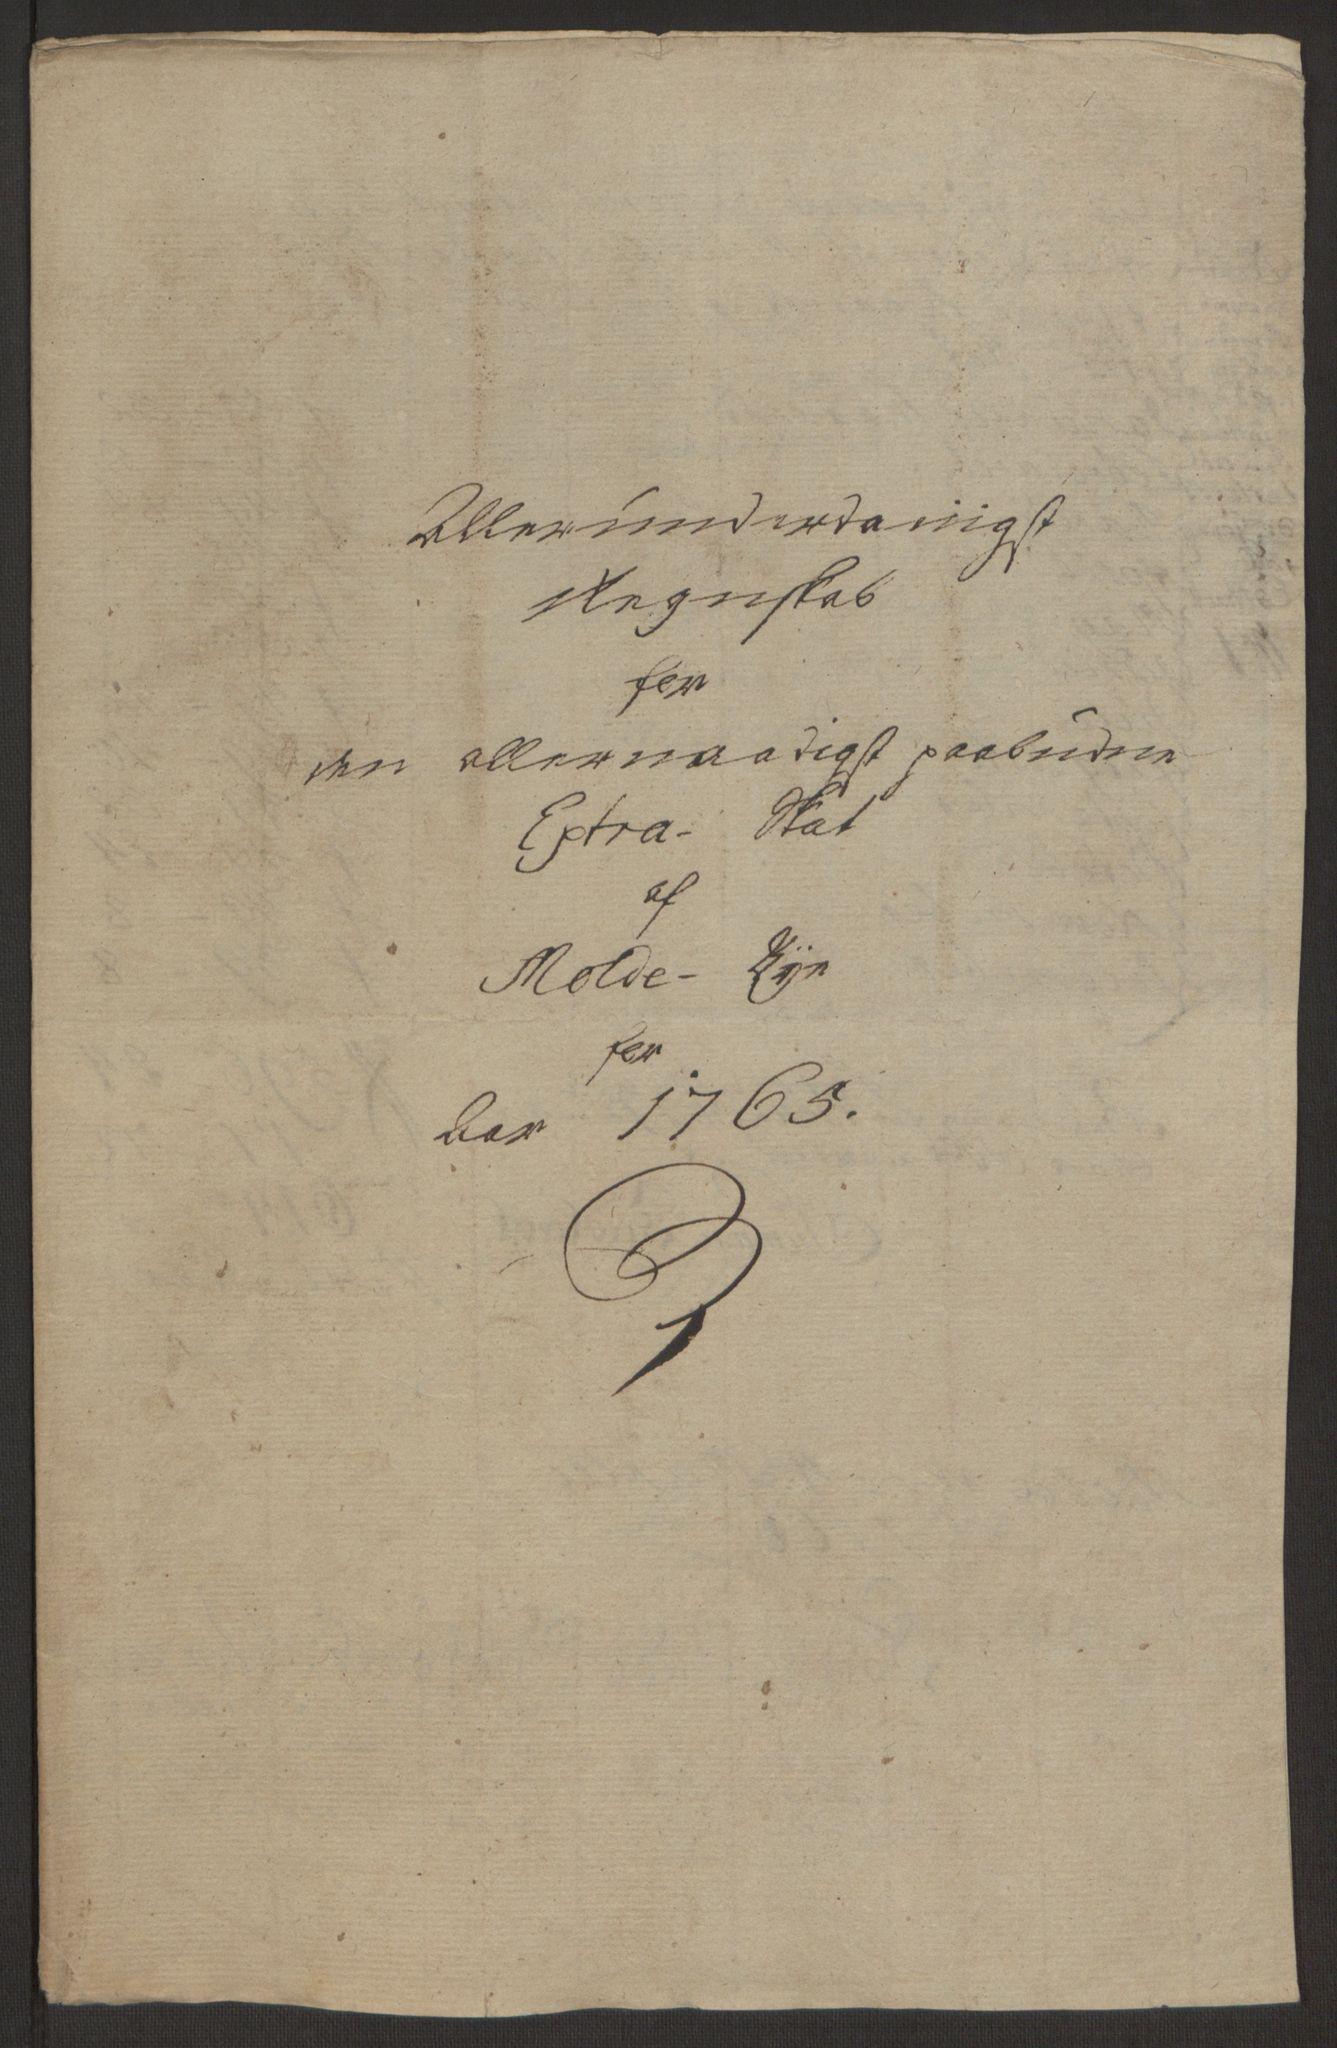 RA, Rentekammeret inntil 1814, Reviderte regnskaper, Byregnskaper, R/Rq/L0487: [Q1] Kontribusjonsregnskap, 1762-1772, s. 109